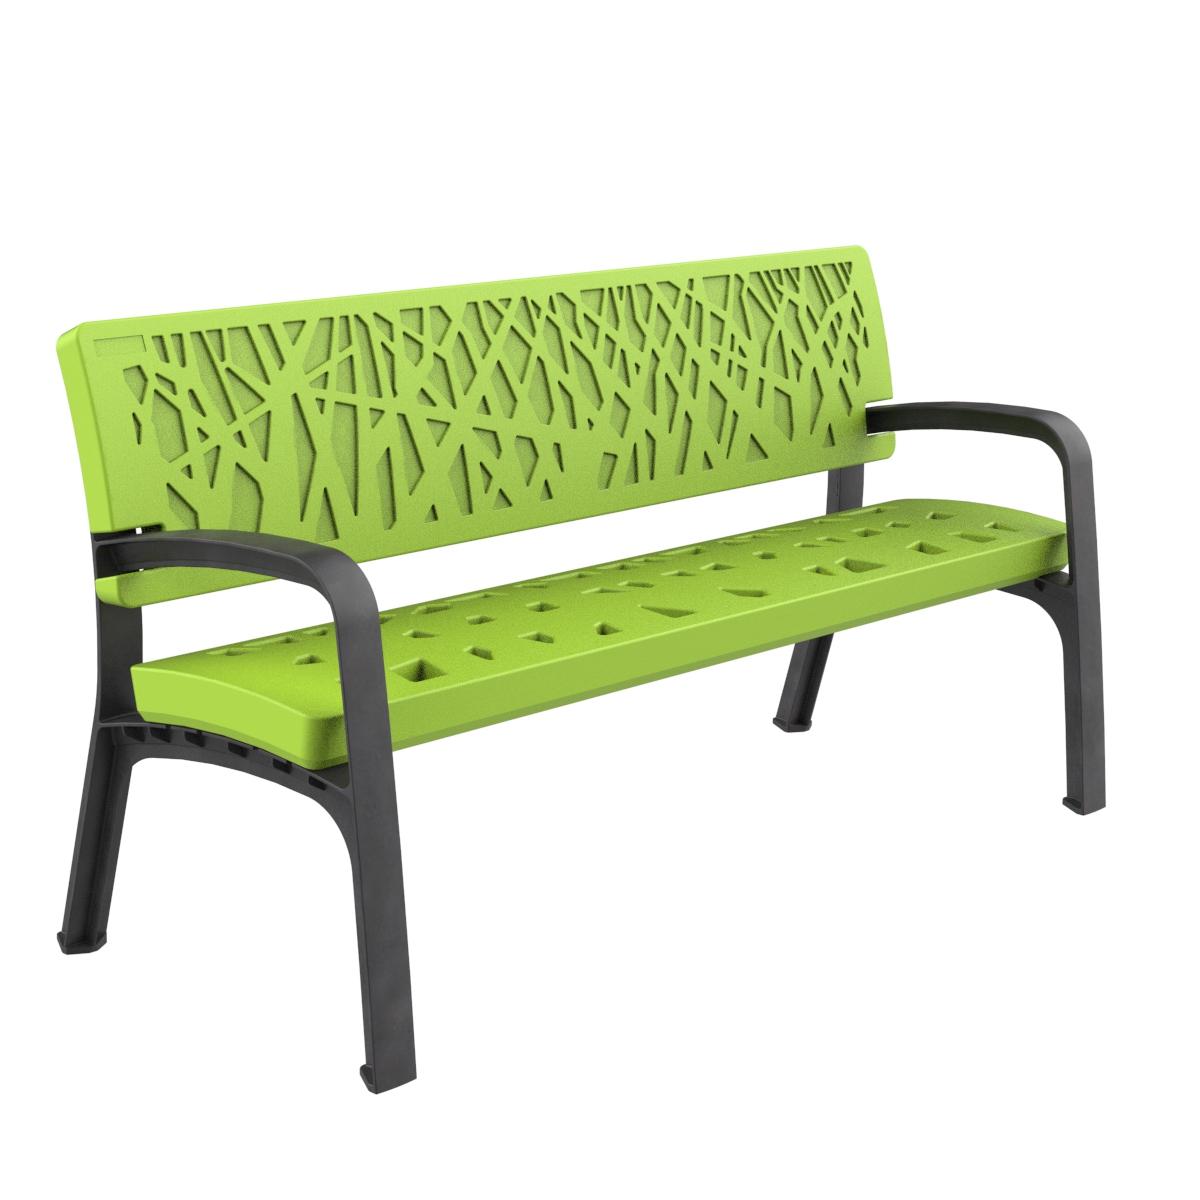 Banco Plastico Maverik Polietileno Mobiliario urbano para sentarse parques y jardines